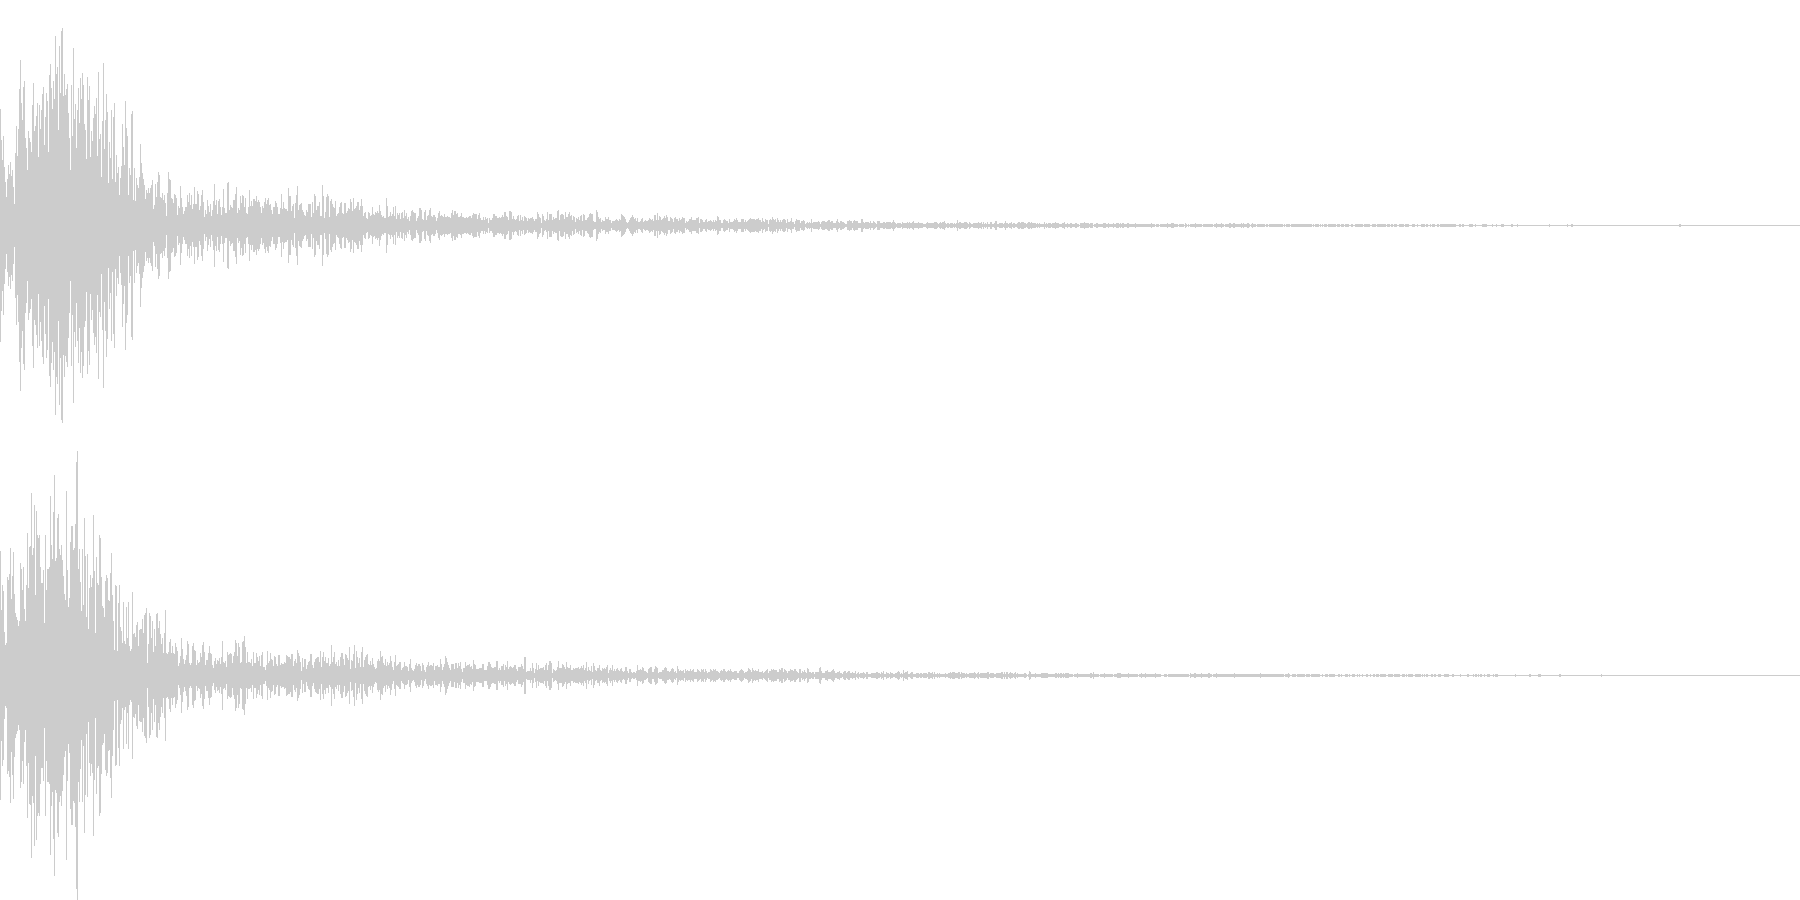 ドン!小太鼓の和風演出 効果音 01の未再生の波形